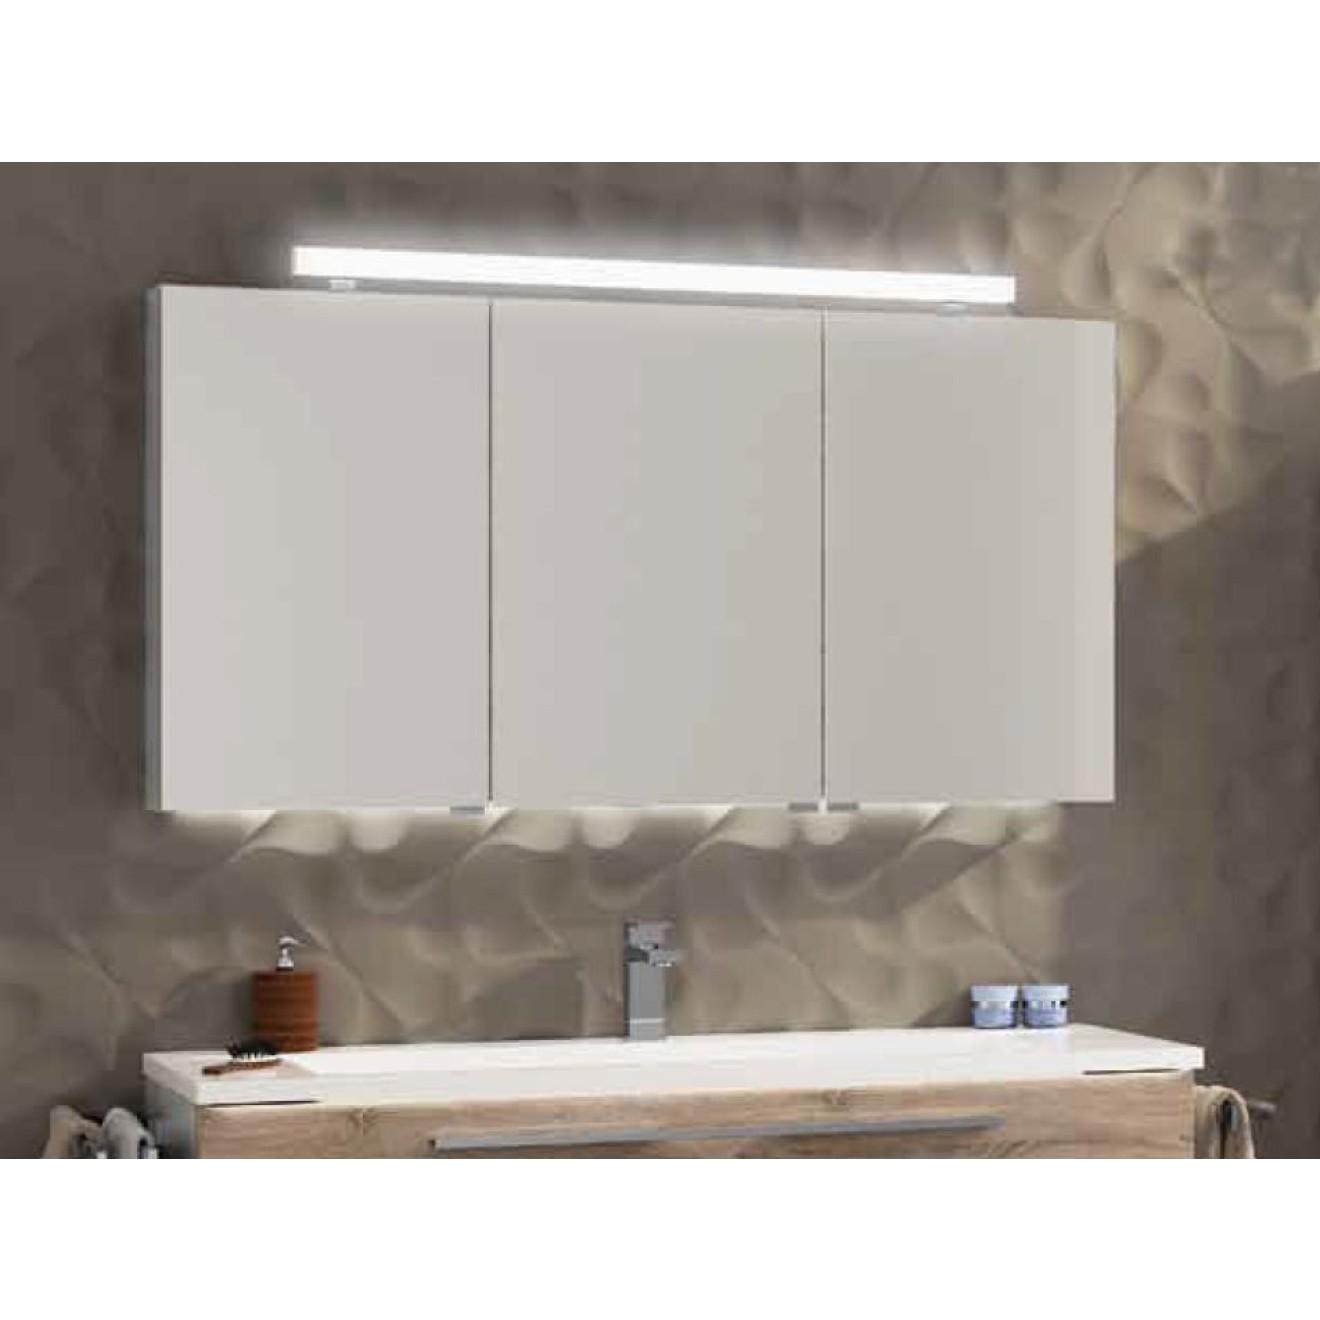 Top 2D Spiegelschrank 120 cm 3-türig mit LED-Aufbauleuchte, Treffpunkt  IN37